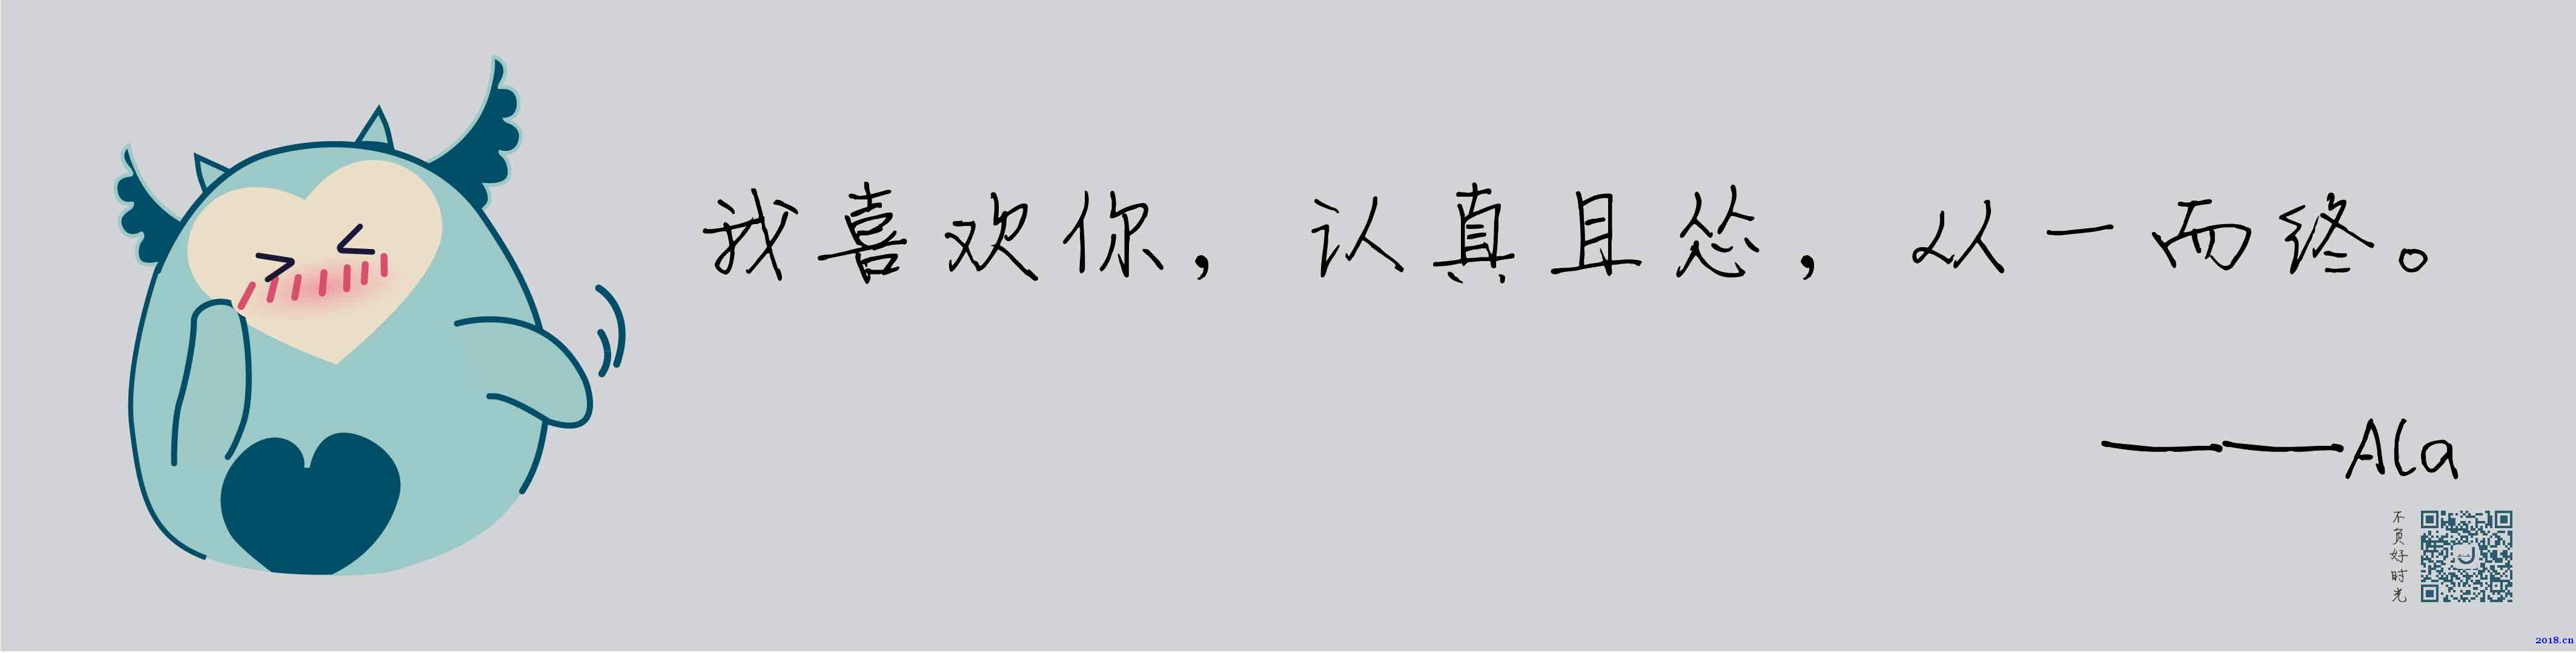 深圳阿拉卓盈酒店全河源地区推广简介